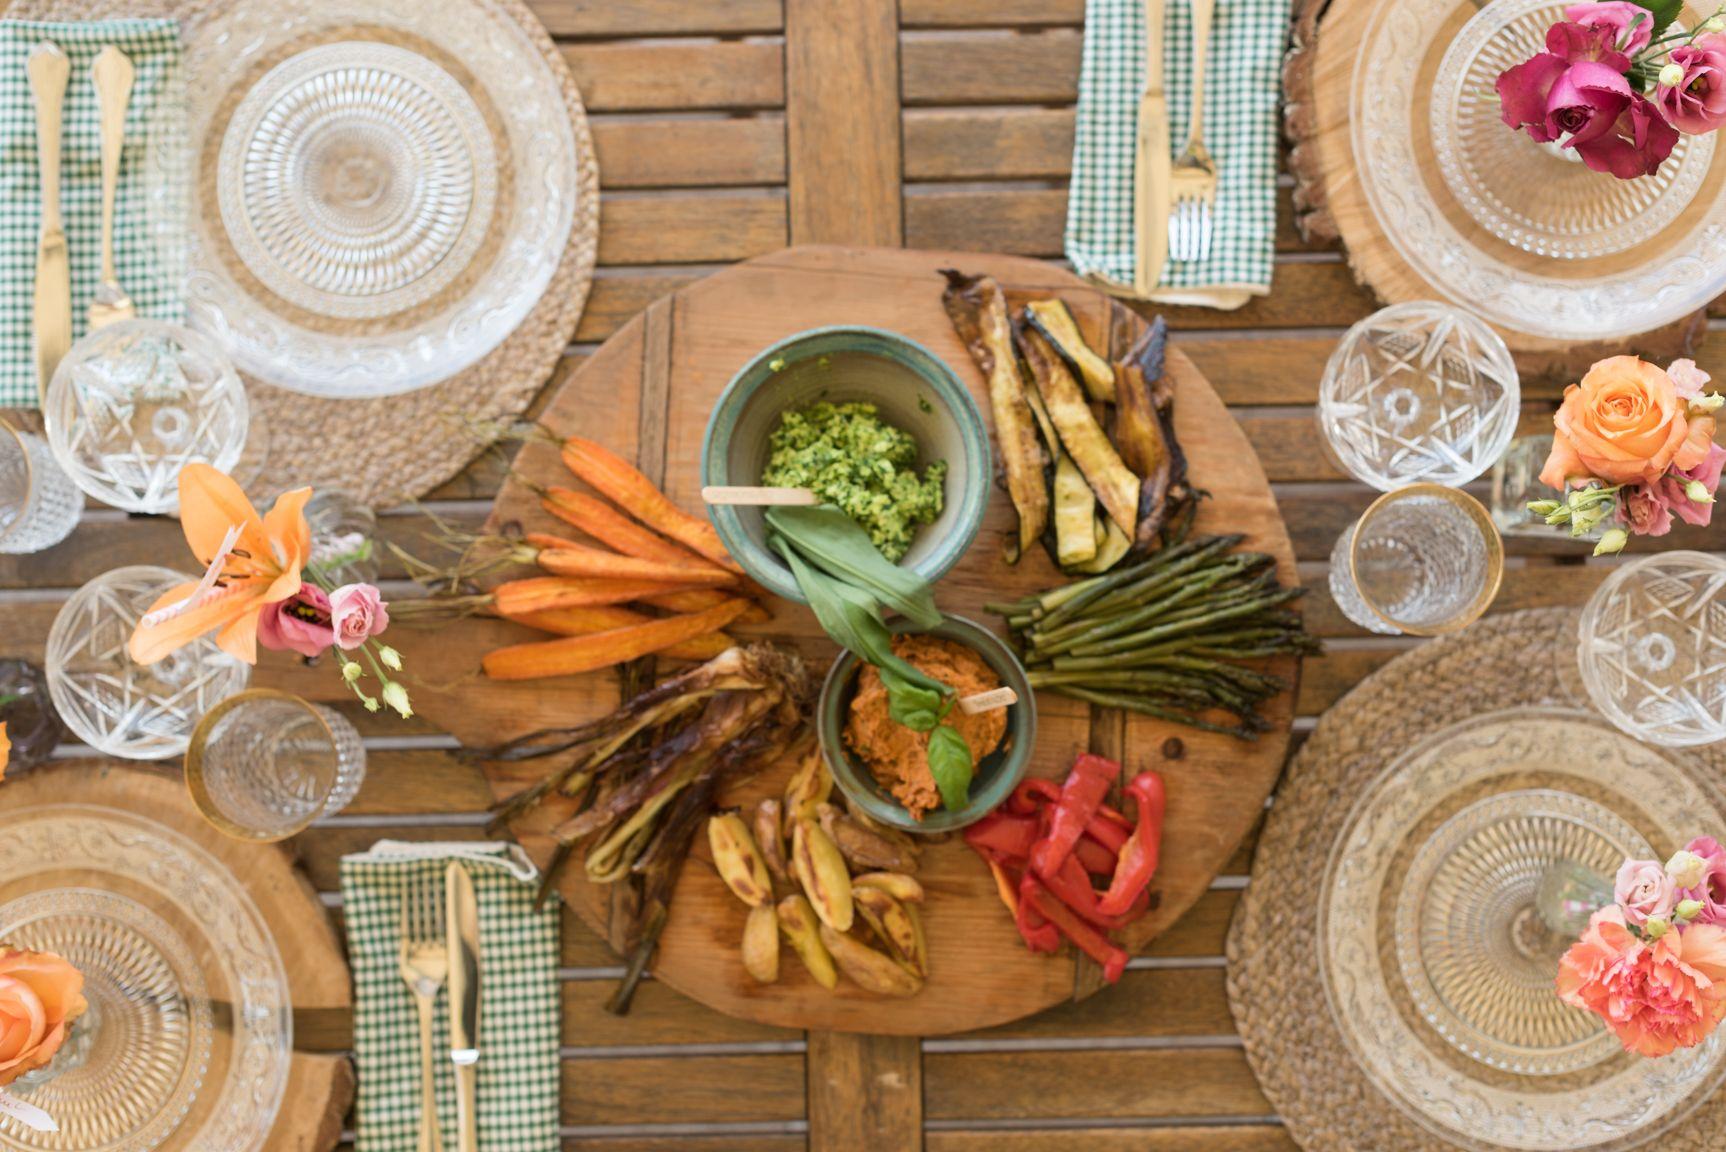 Tepro 1061 Holzkohlegrill Toronto Auf Rollwagen : Gedeckte tafel fröhliches grillfest pinterest fröhlich und